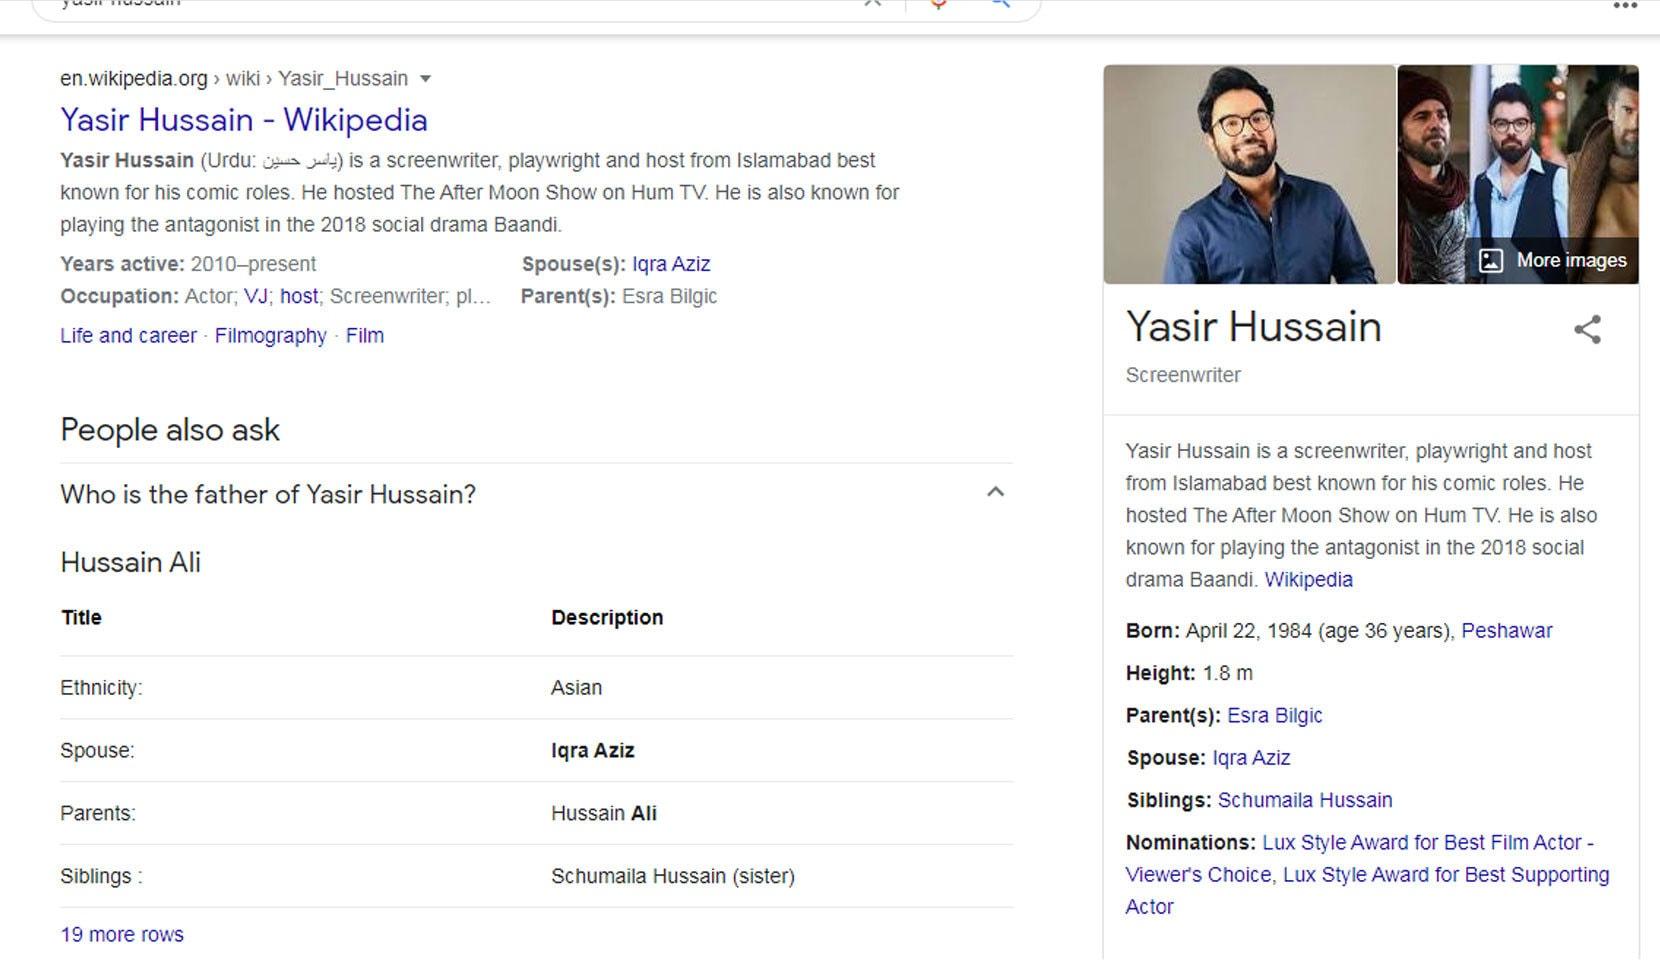 وکی پیڈیا سیکشن میں ایسرا بلگچ کو یاسر حسین کی والدہ کے طور پر پیش کیا گیا—اسکرین شاٹ